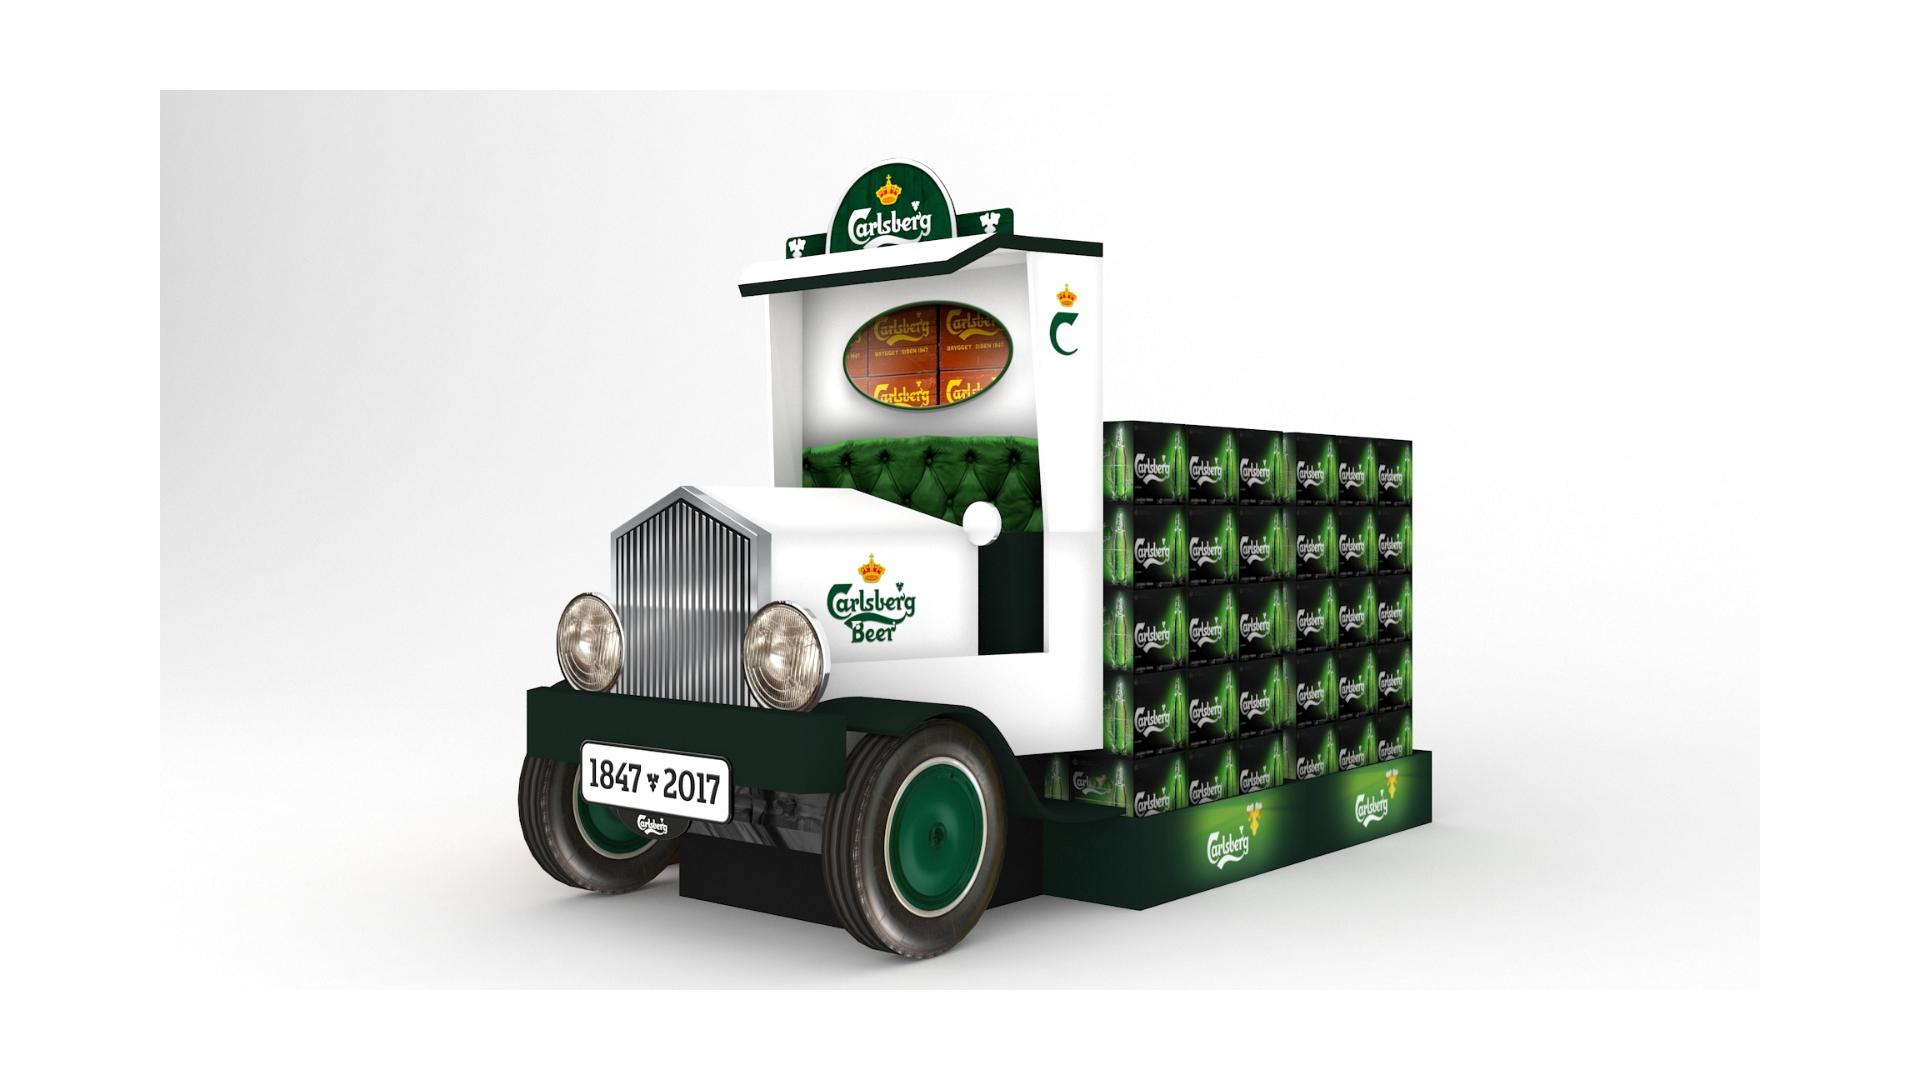 camión Carlsberg Indigo plv POPAI